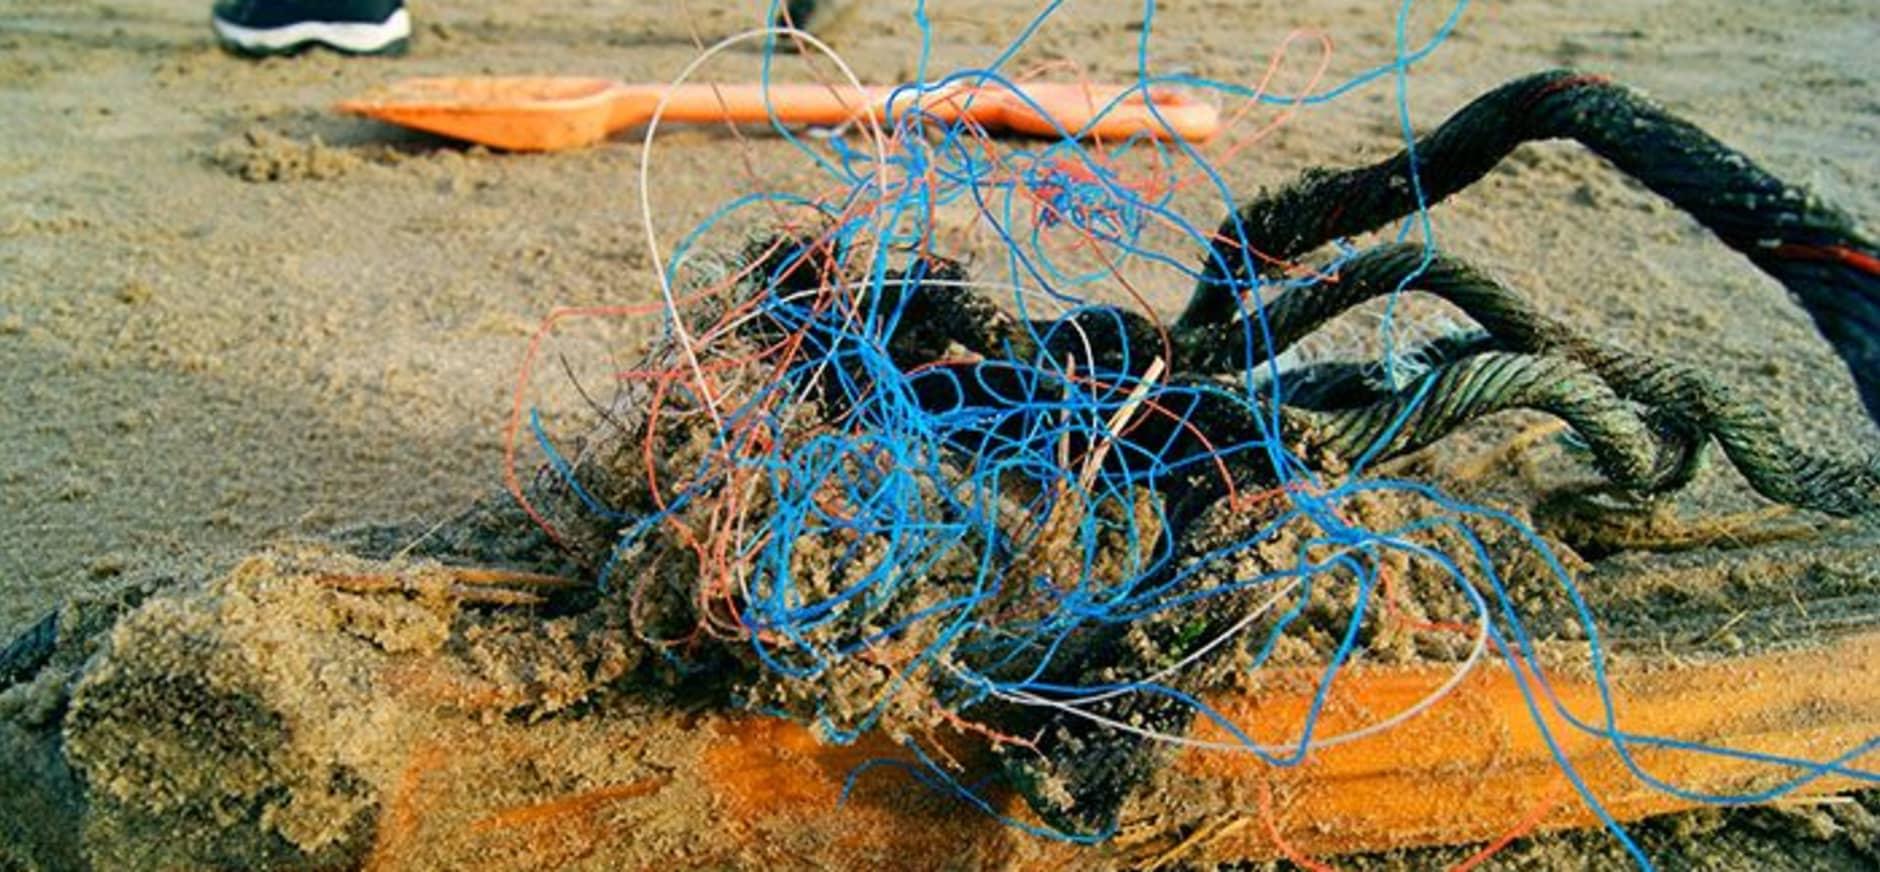 zwerfafval opruimactie langs de zee